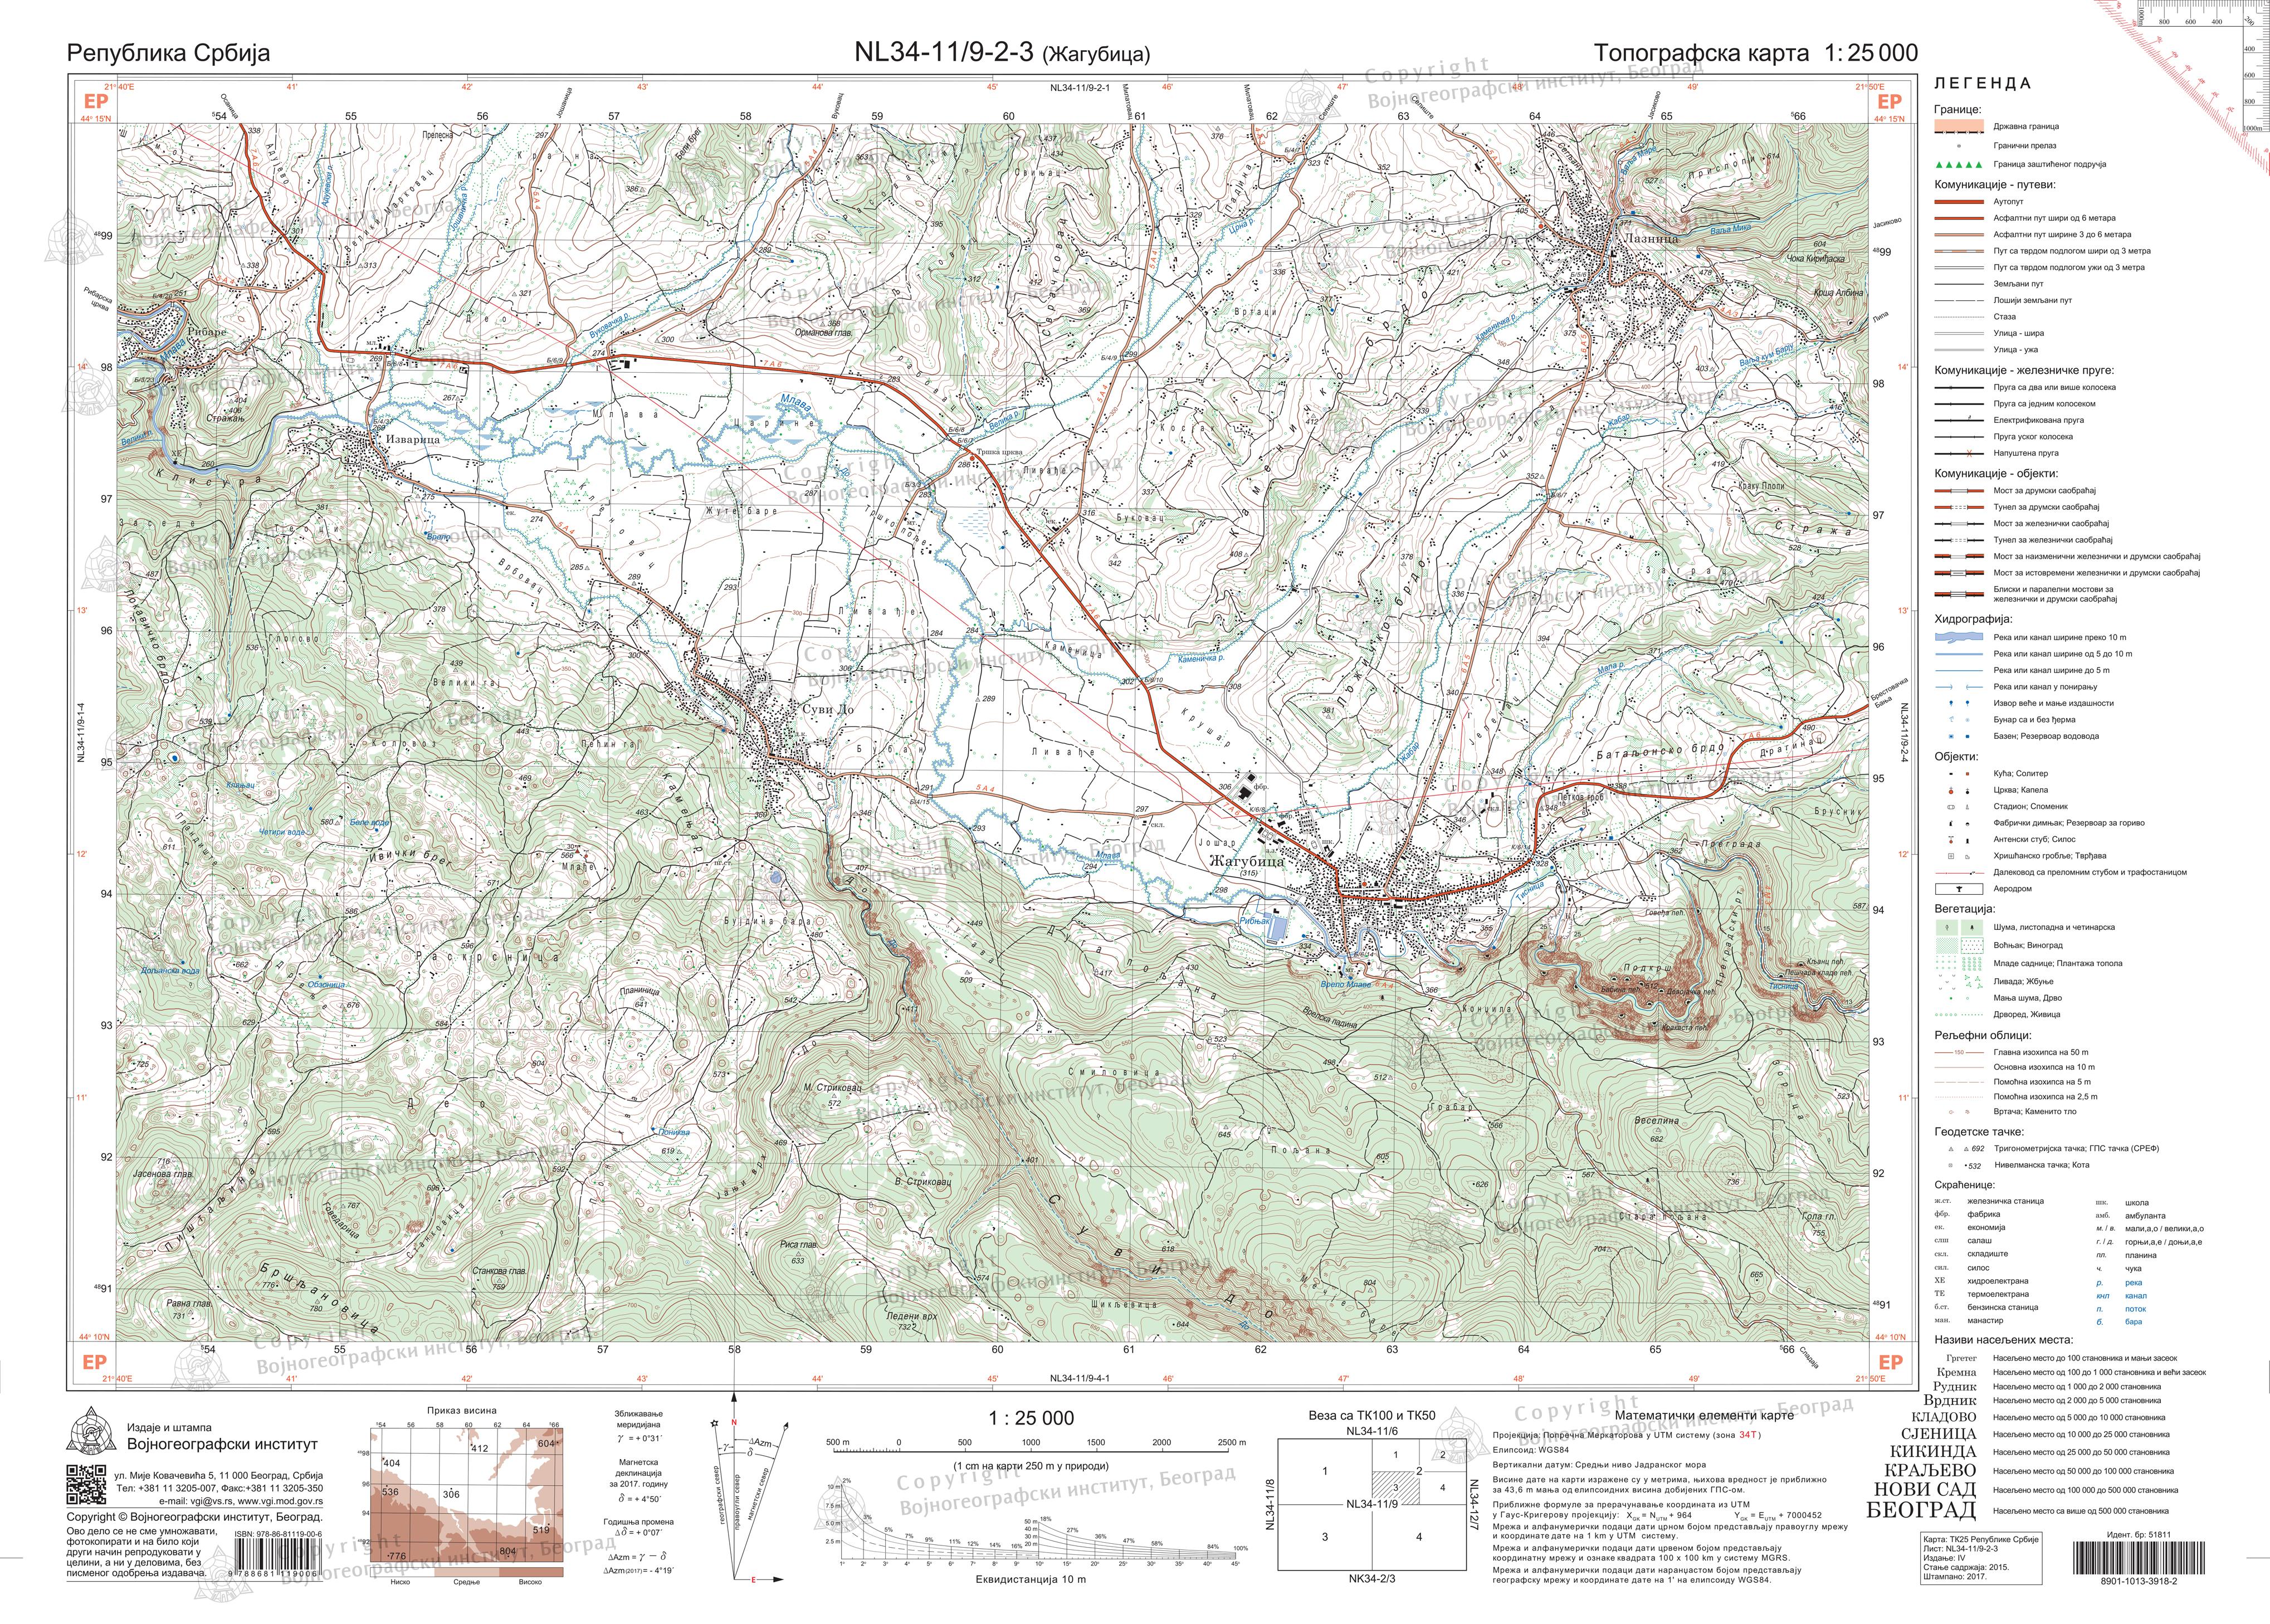 Нова геодетско-картографска решења на топографским картама издања ВГИ